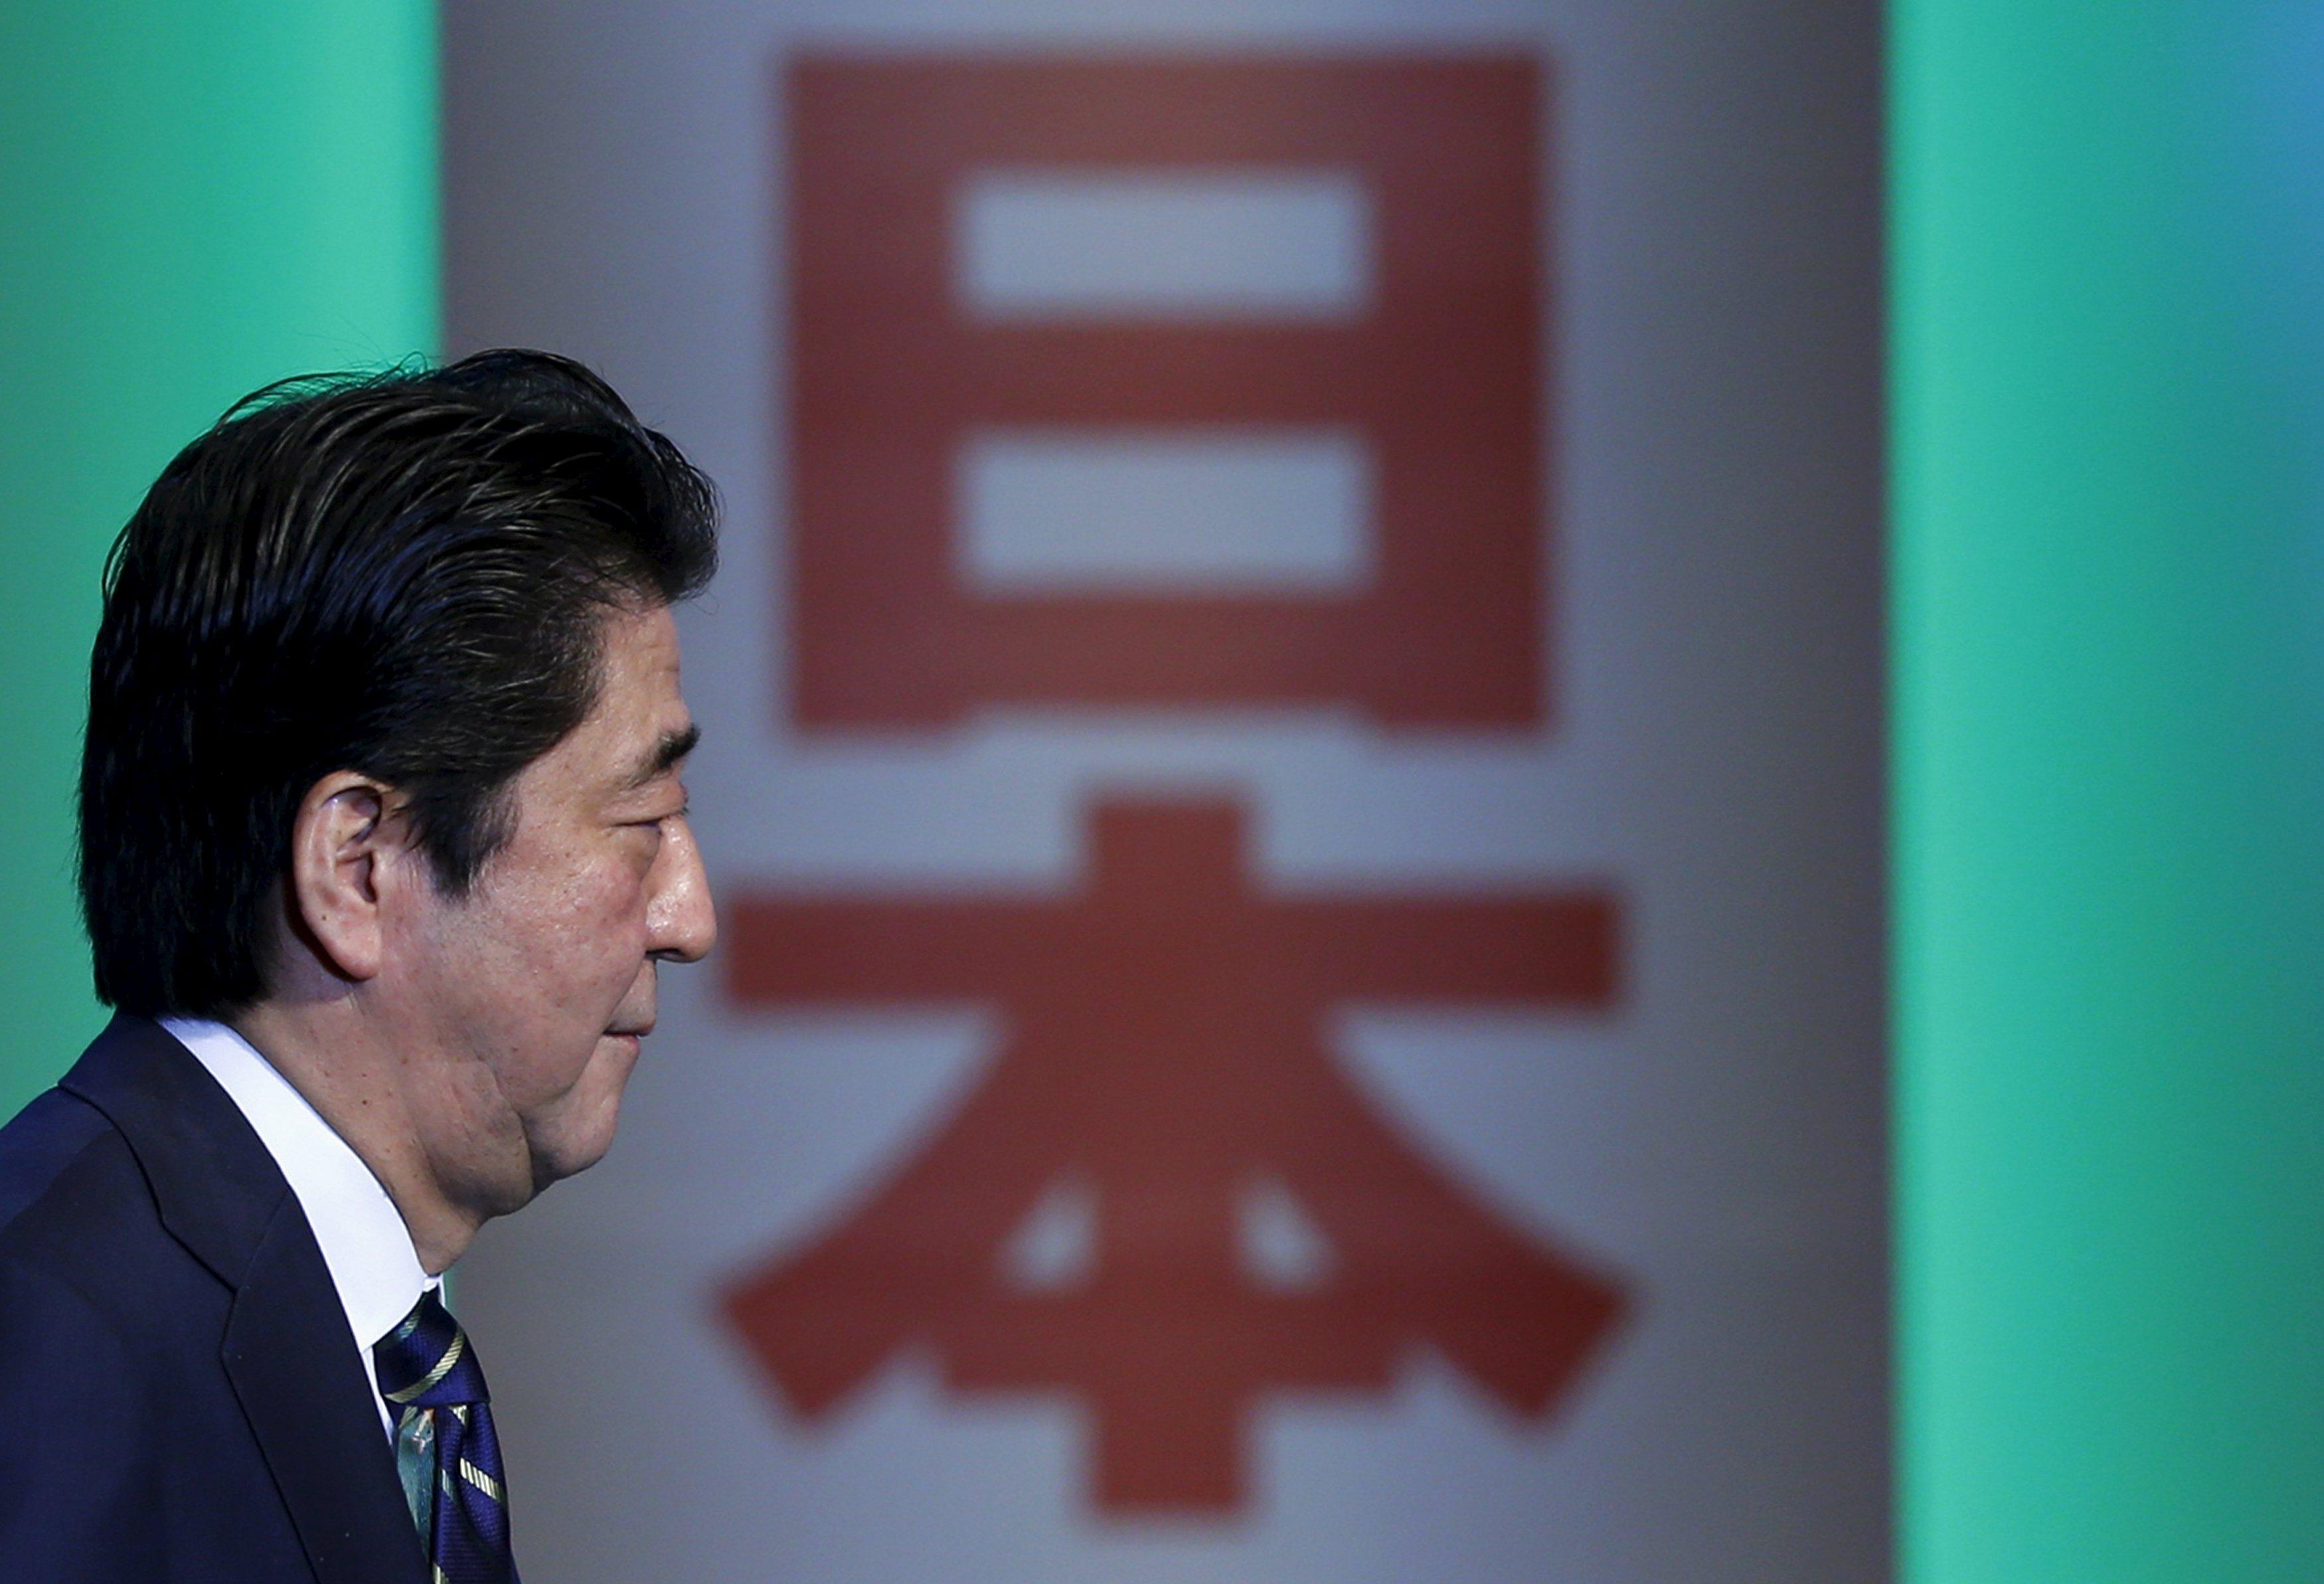 日本拟弃用萨德系统